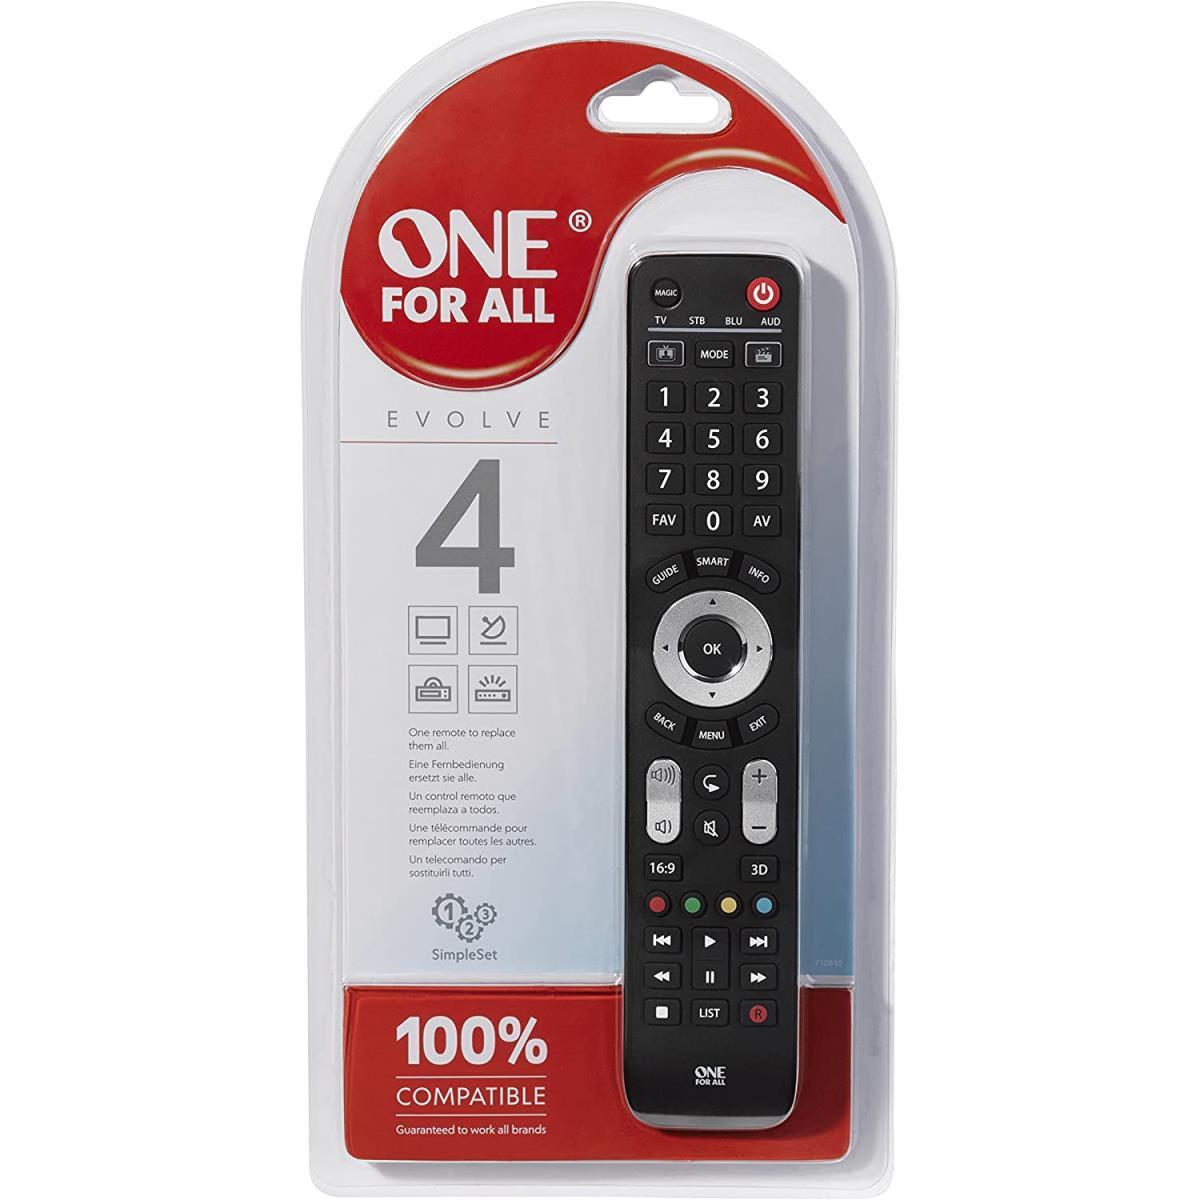 One For All Evolve 4 Universal Fernbedienung - Steuerung von 4 Endgeräten,One For All,URC7145, 8716184065477